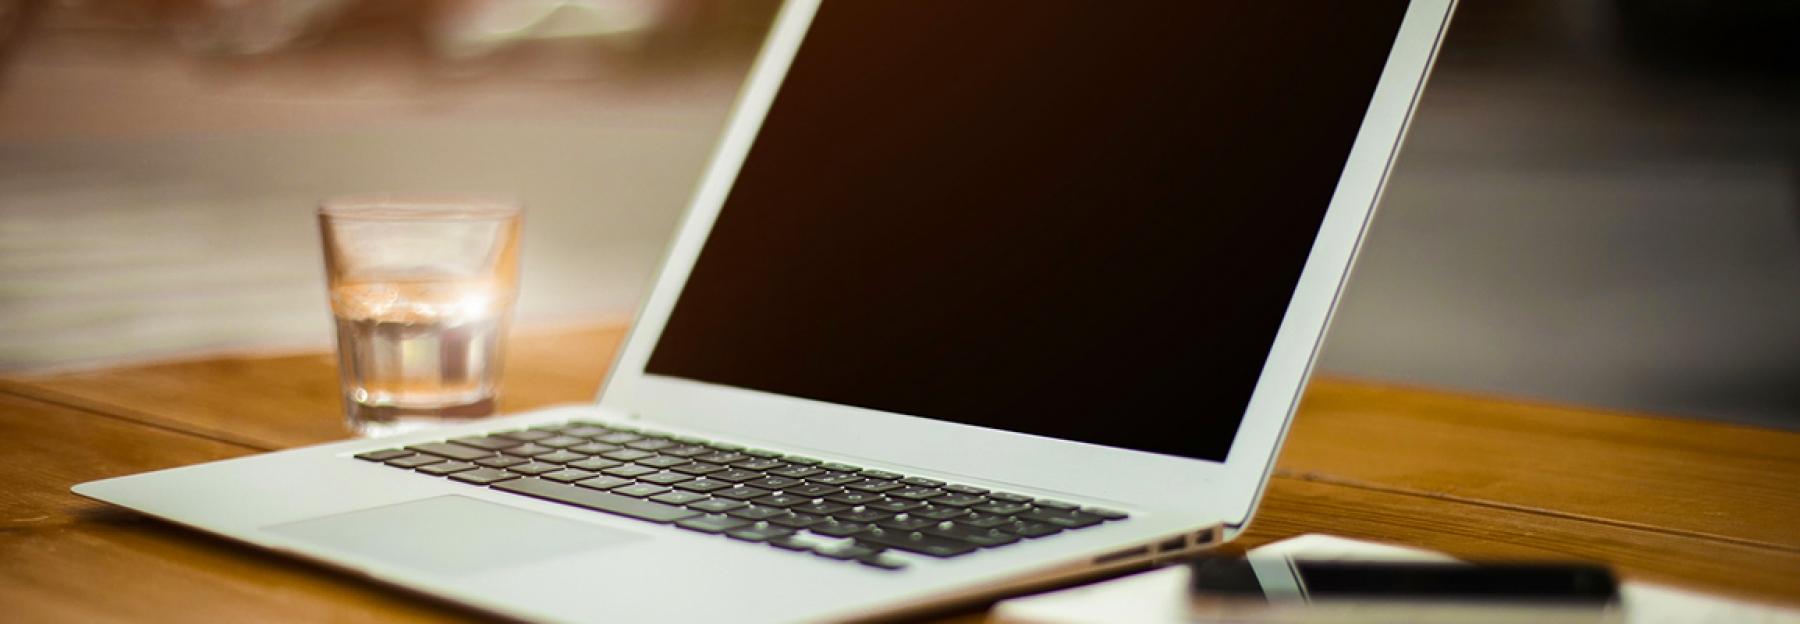 Laptop computer image on desk